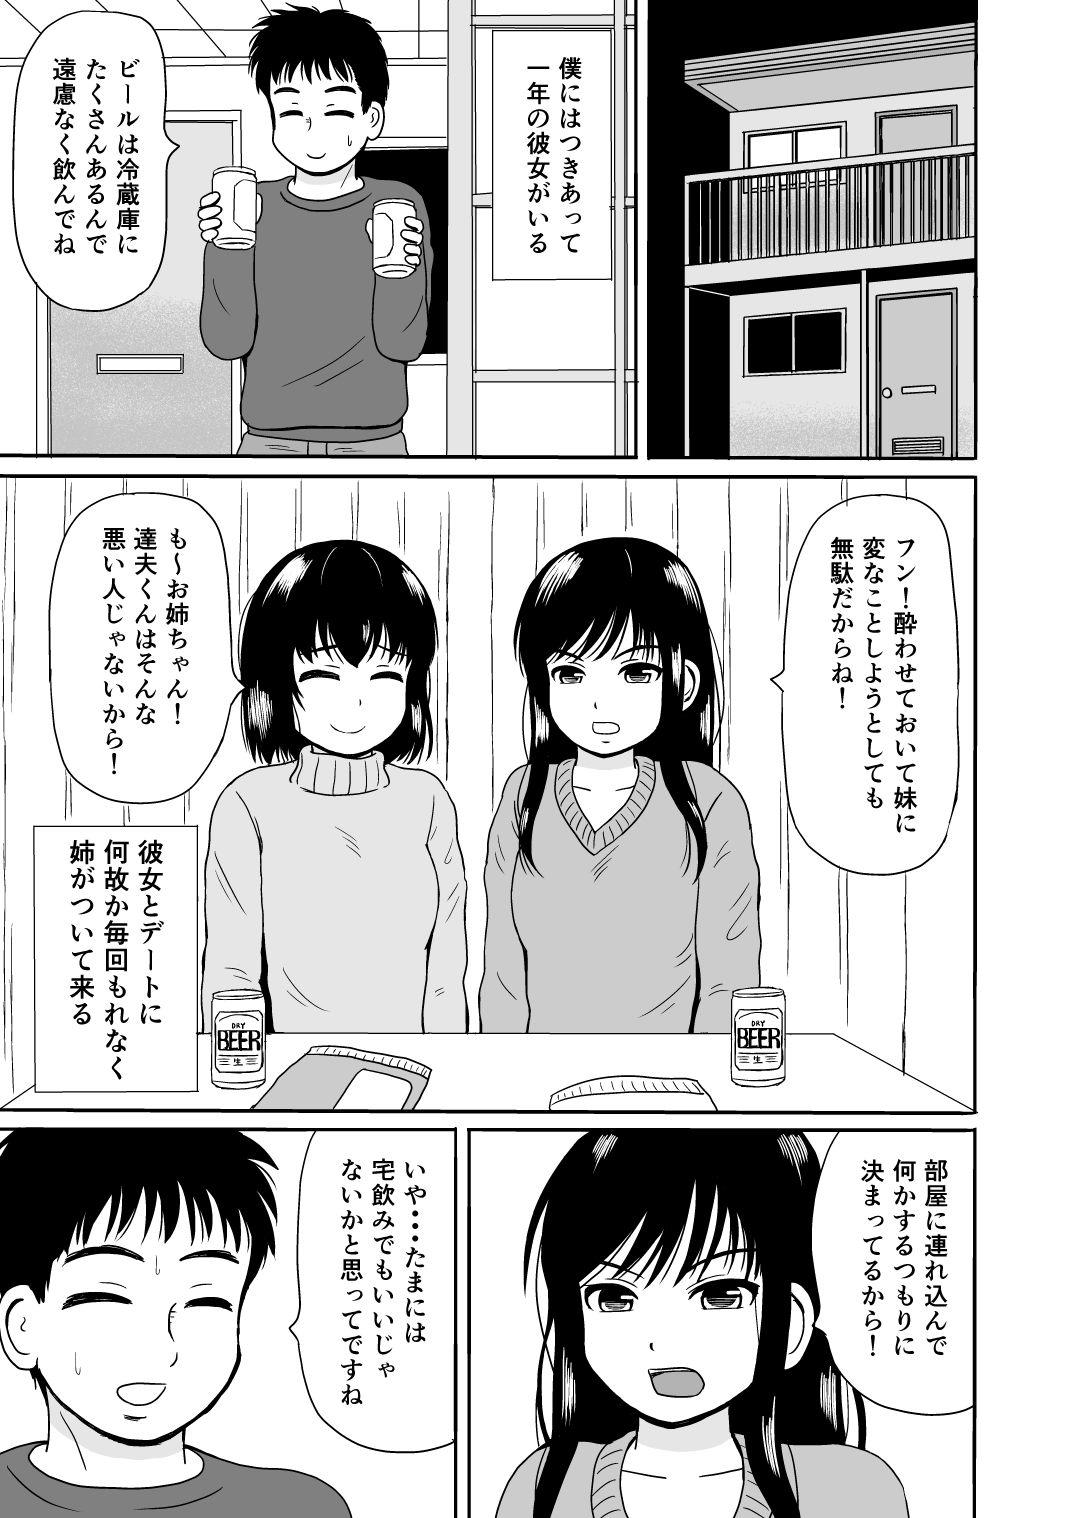 https://www.dmm.co.jp/dc/doujin/-/detail/=/cid=d_189066/